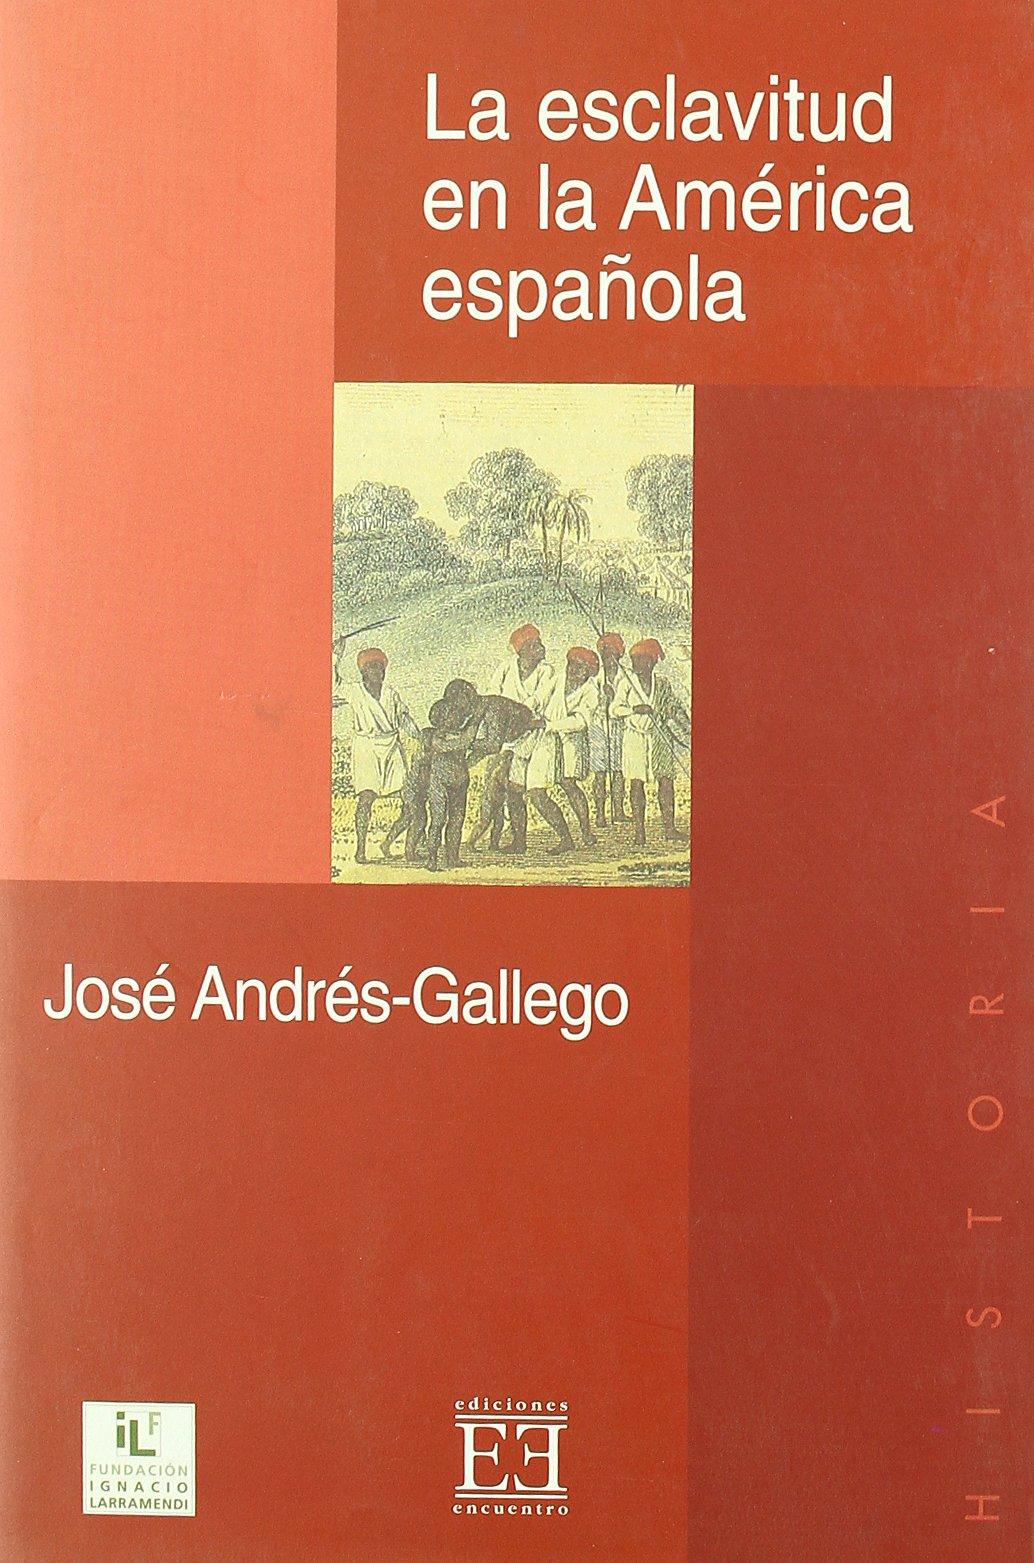 La esclavitud en la América española (Ensayo): Amazon.es: Andrés-Gallego, José: Libros